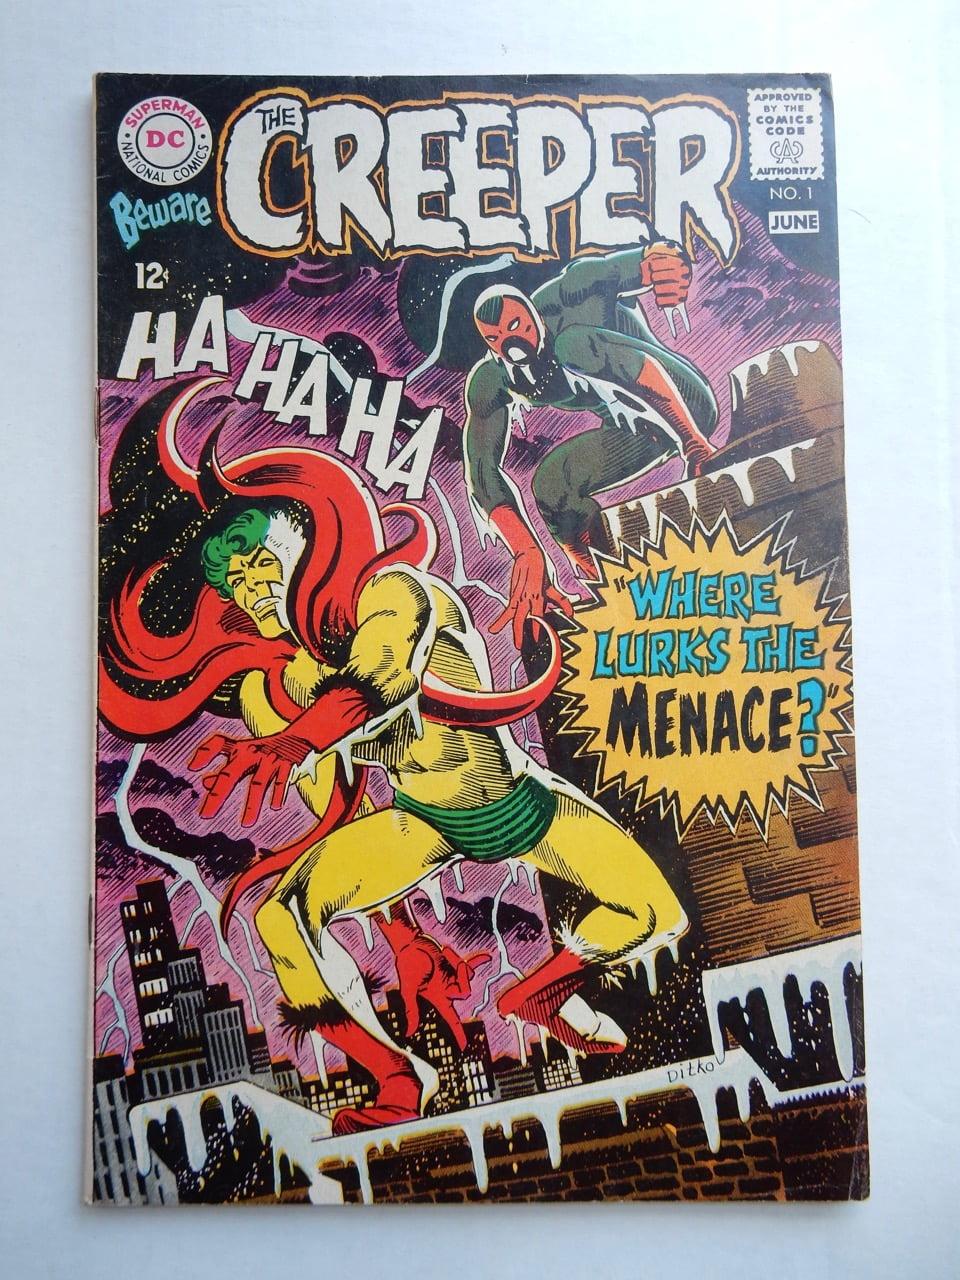 Steve Ditko - The Creeper #1